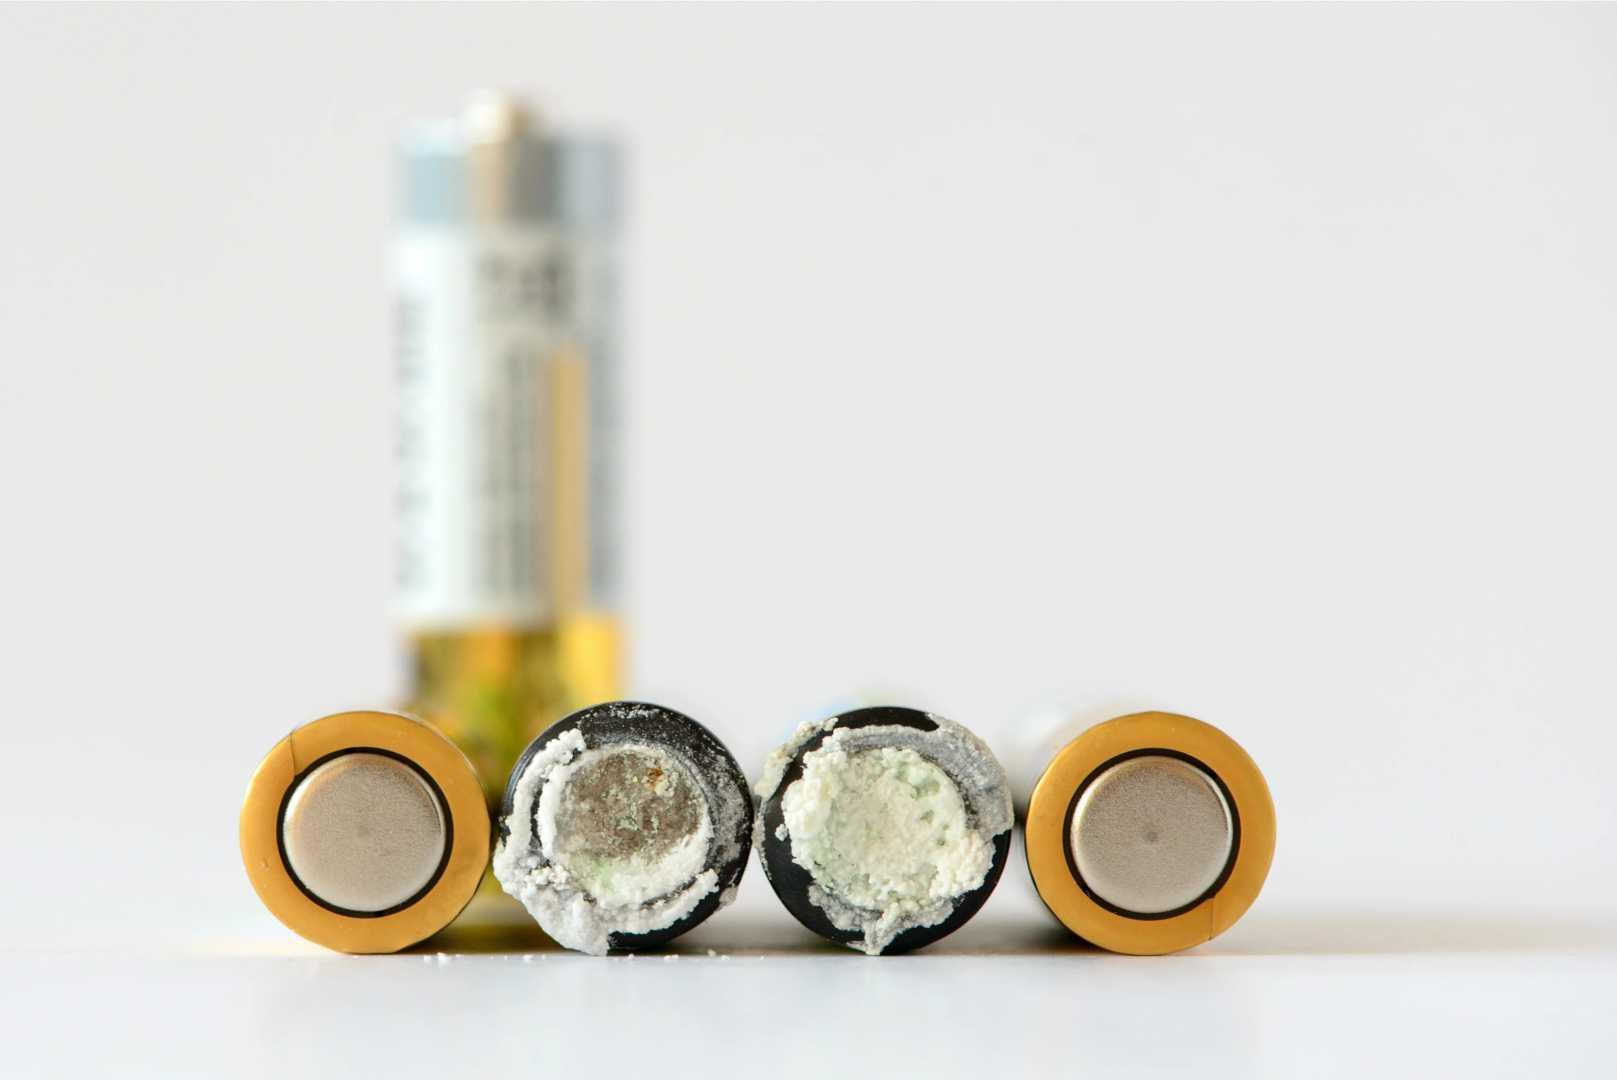 lekkende batterijen